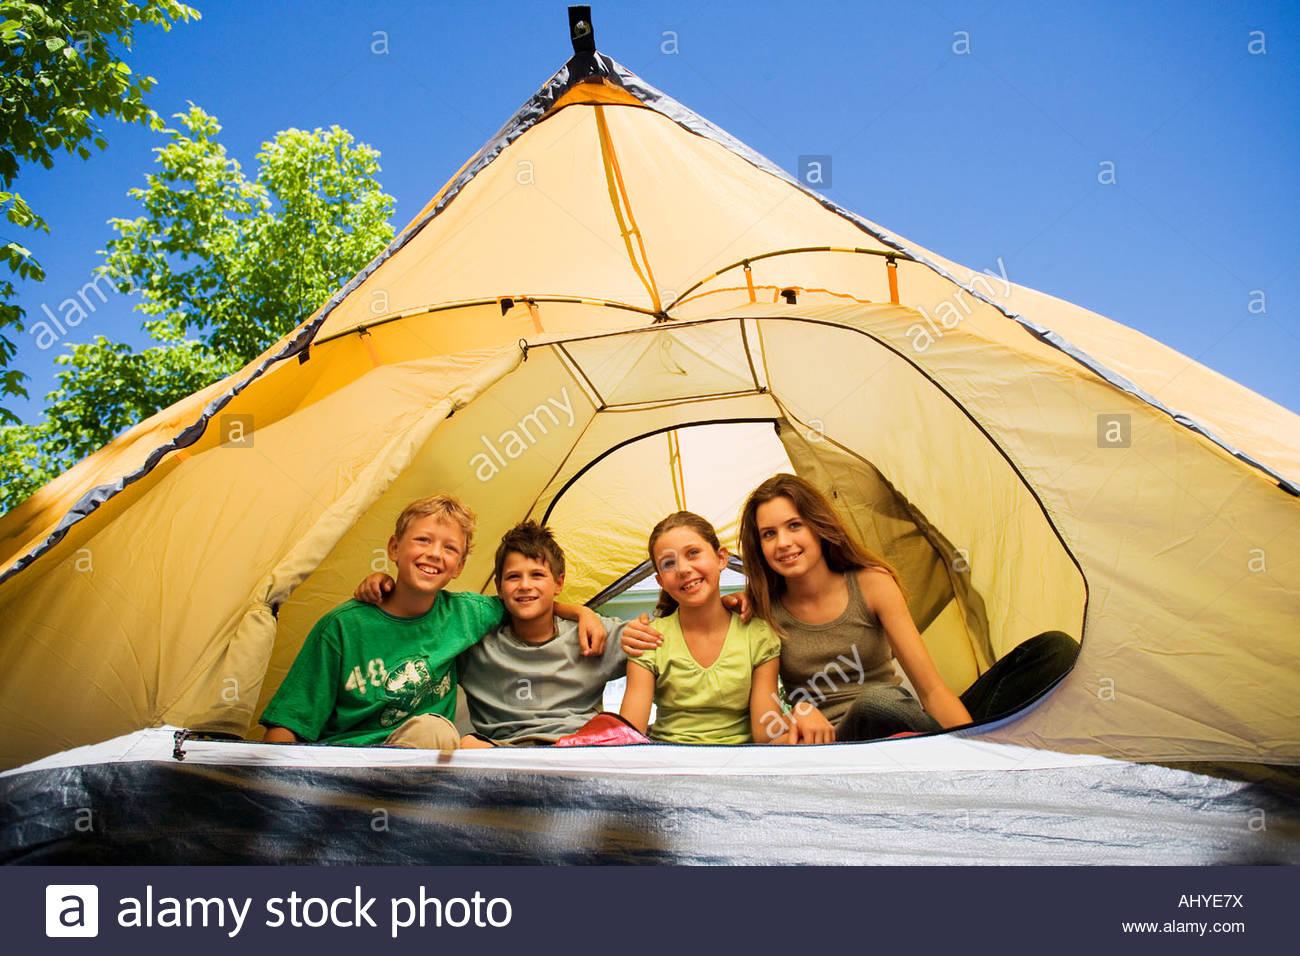 Vier Kinder 8-10 sitzen nebeneinander im Zelt auf der Wiese im Garten lächelnd Vorderansicht Porträt Stockbild